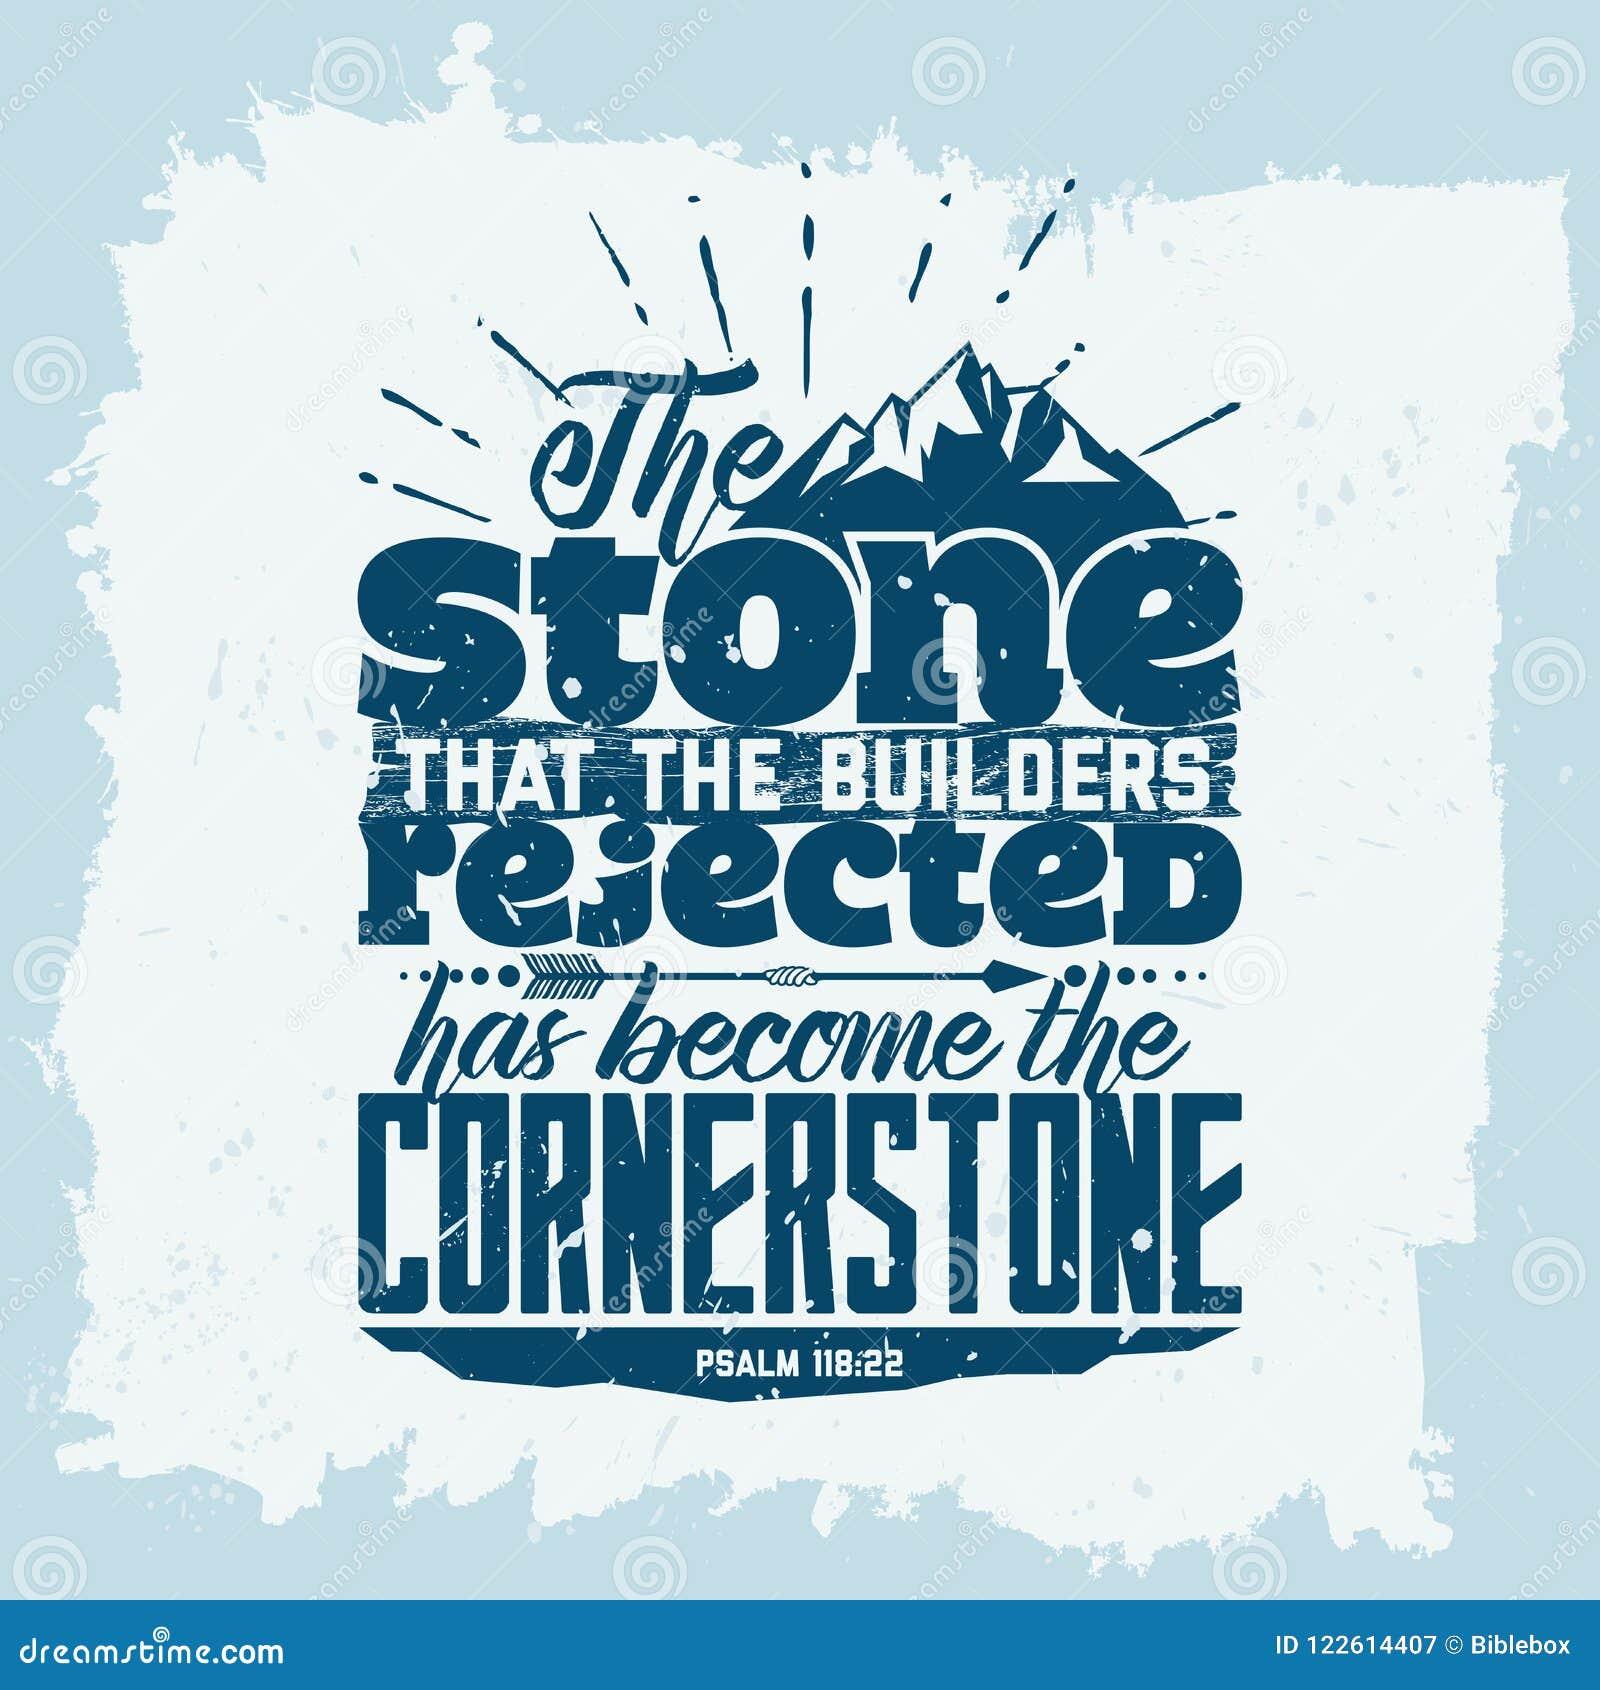 Bibelbokstäver Kristen konst Stenen, som byggmästarna kasserade, har blivit grundpelaren Psalm118:22